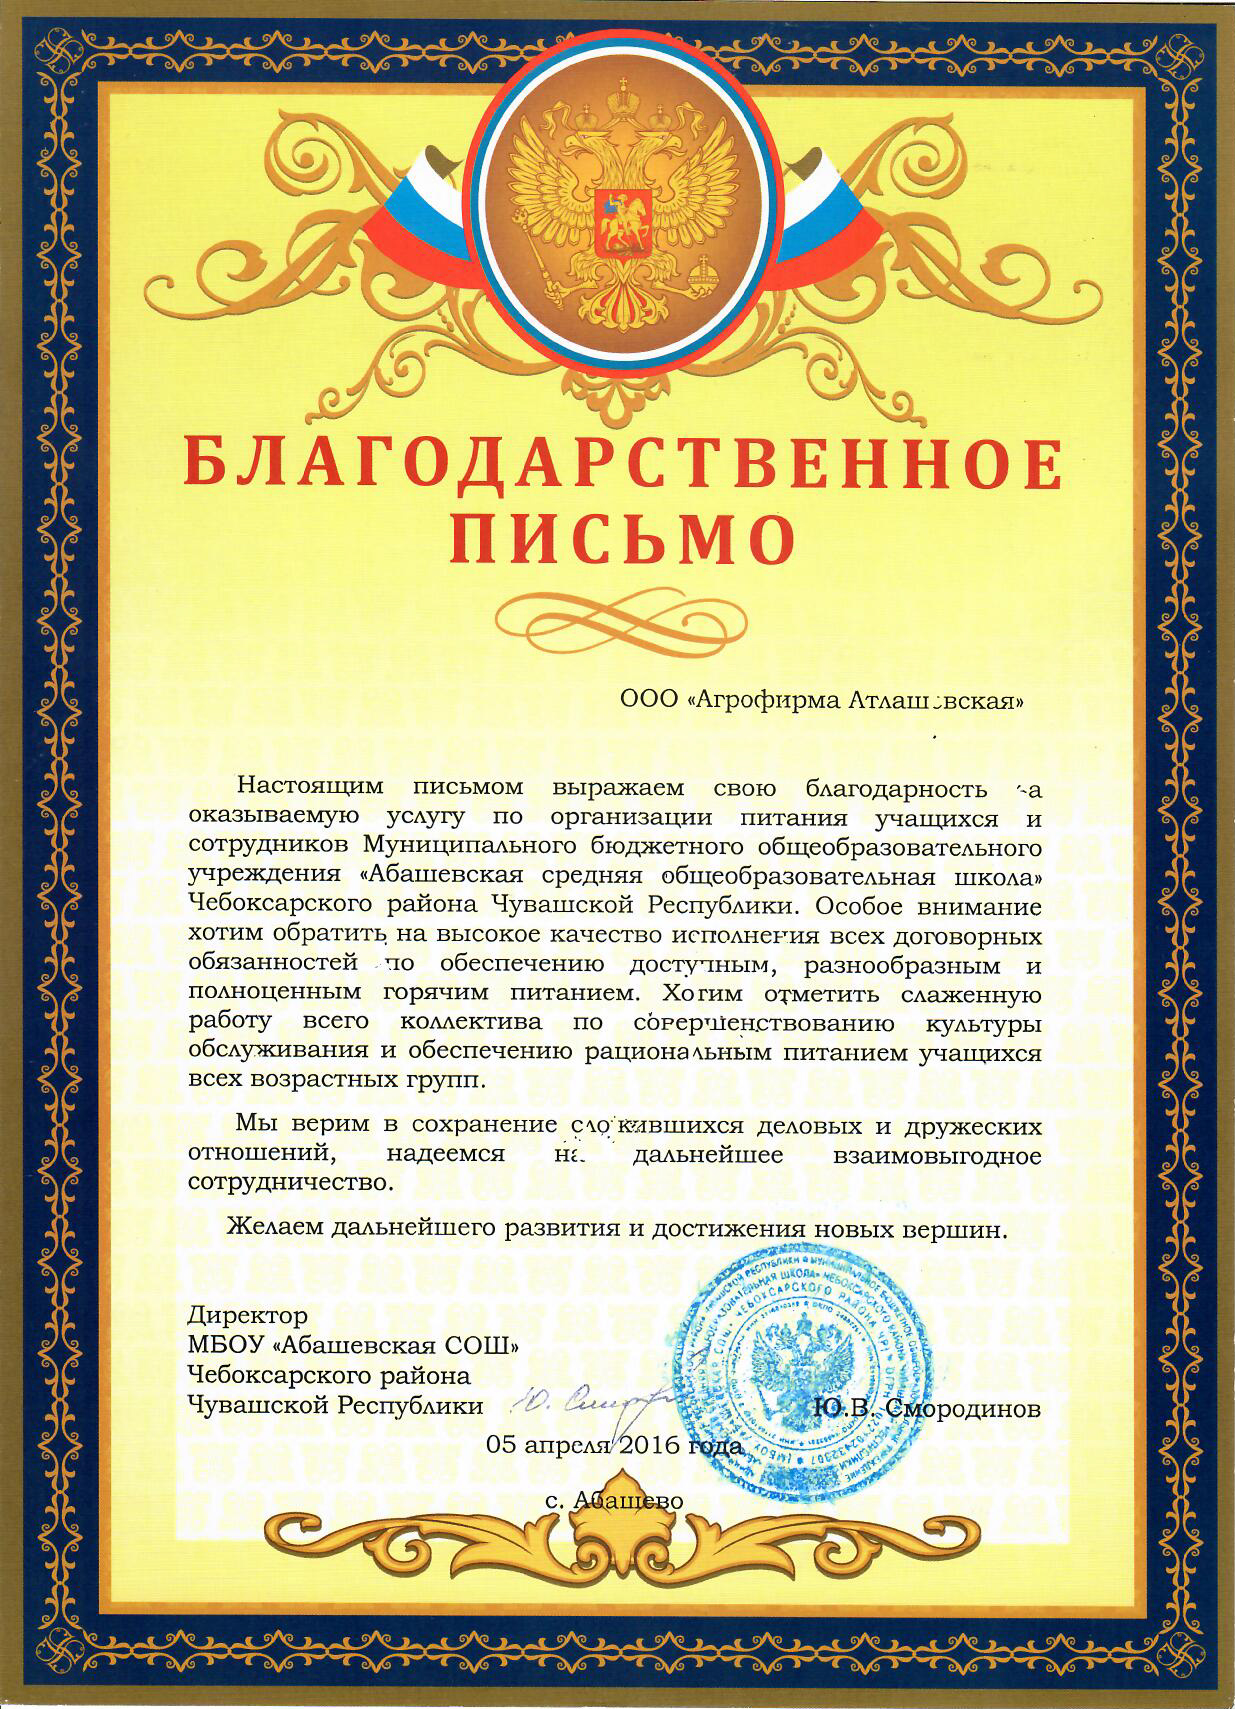 https://static-ru.insales.ru/files/1/6046/4904862/original/Abashevo.jpg